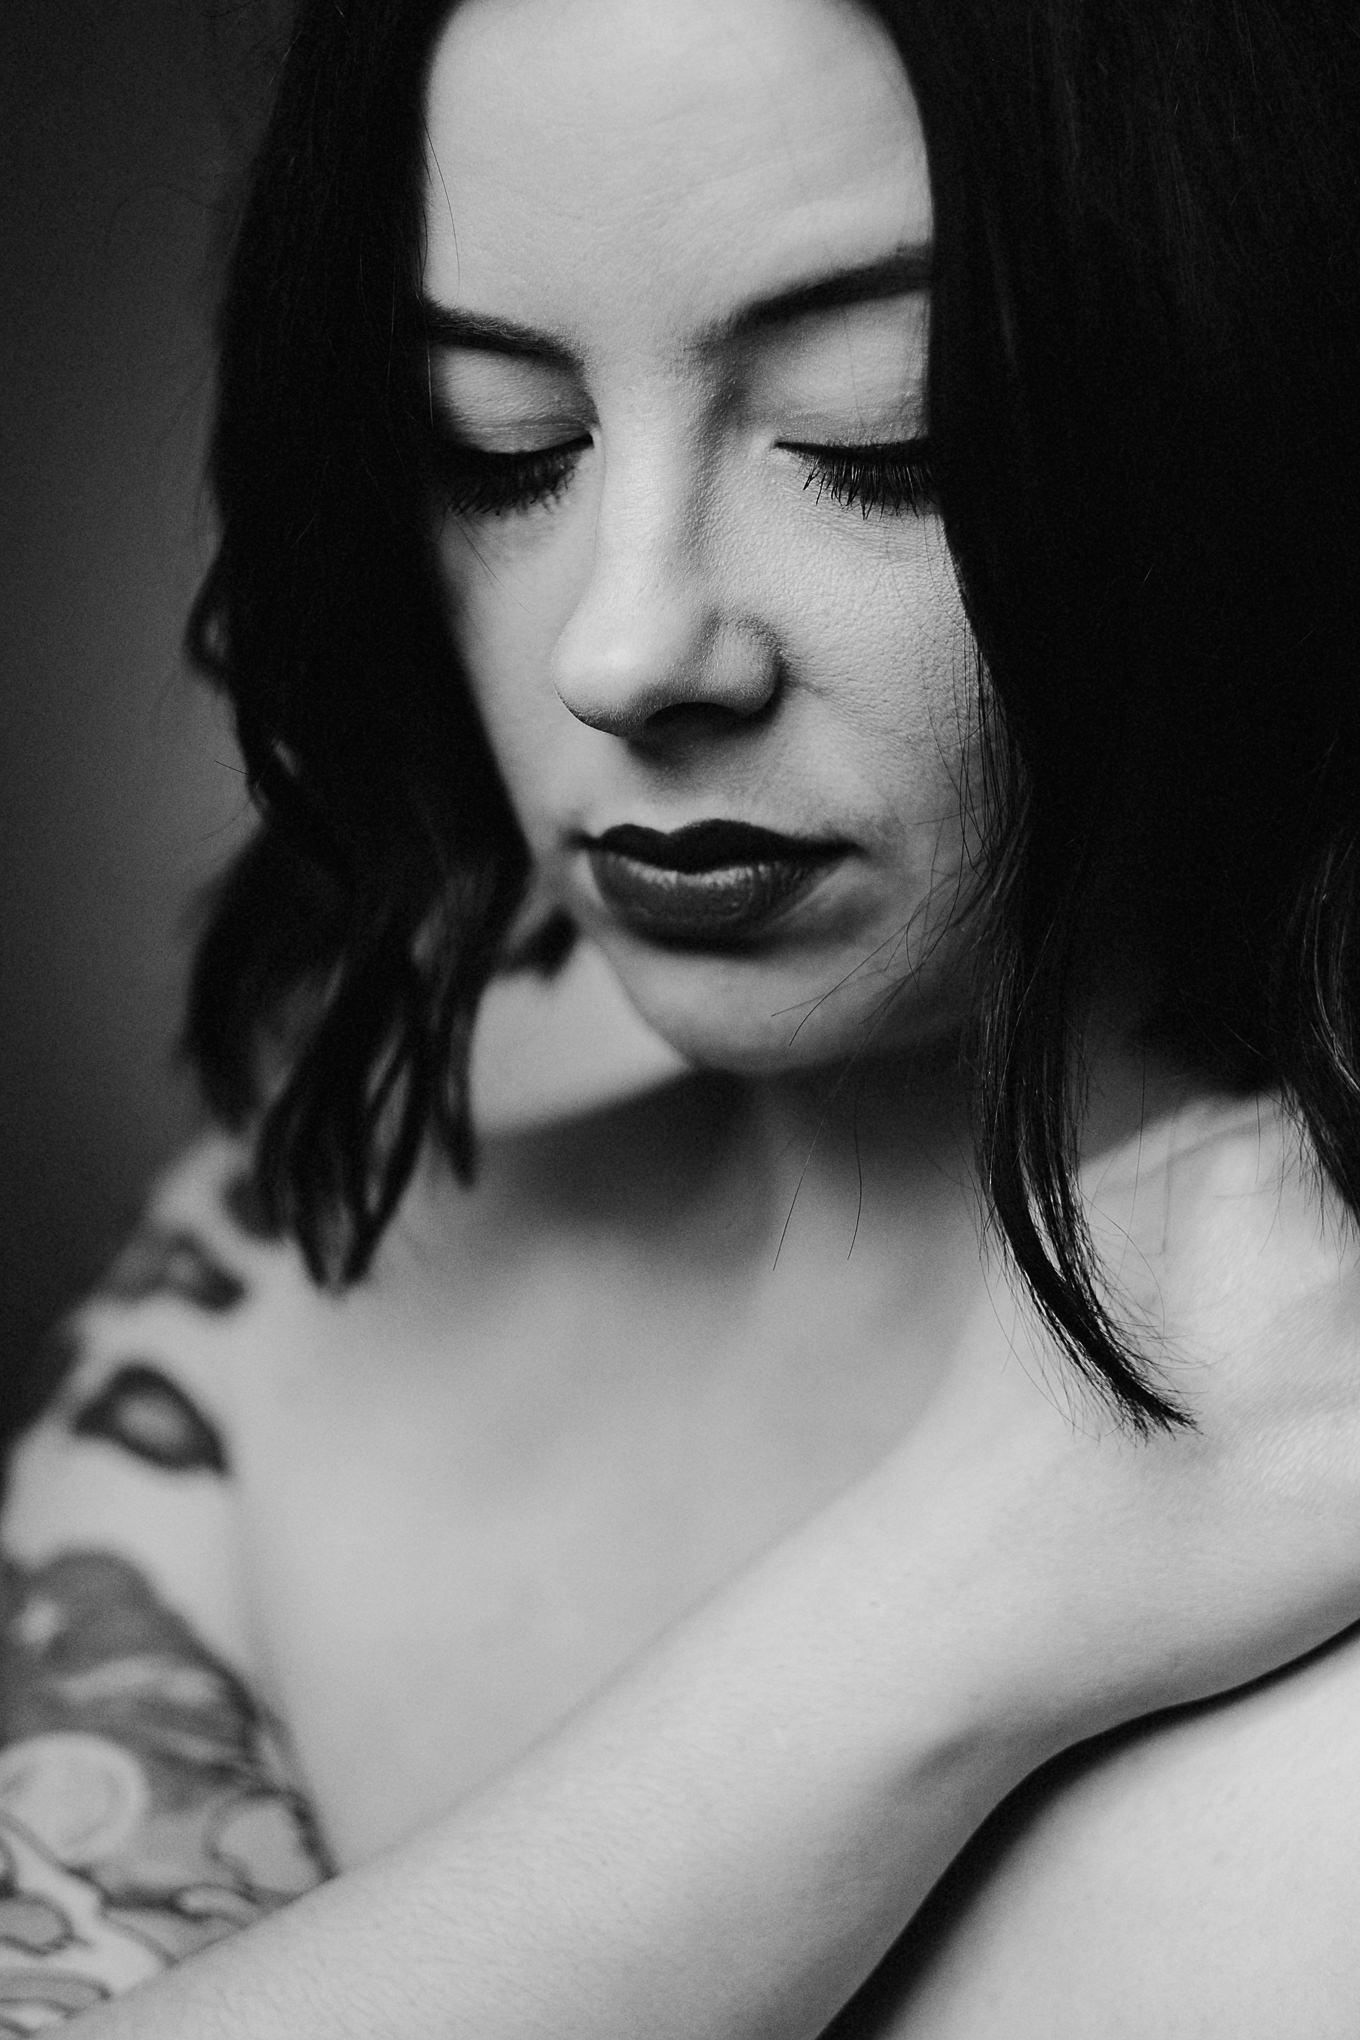 Cat. Musician, Make-up Artist, Wife.